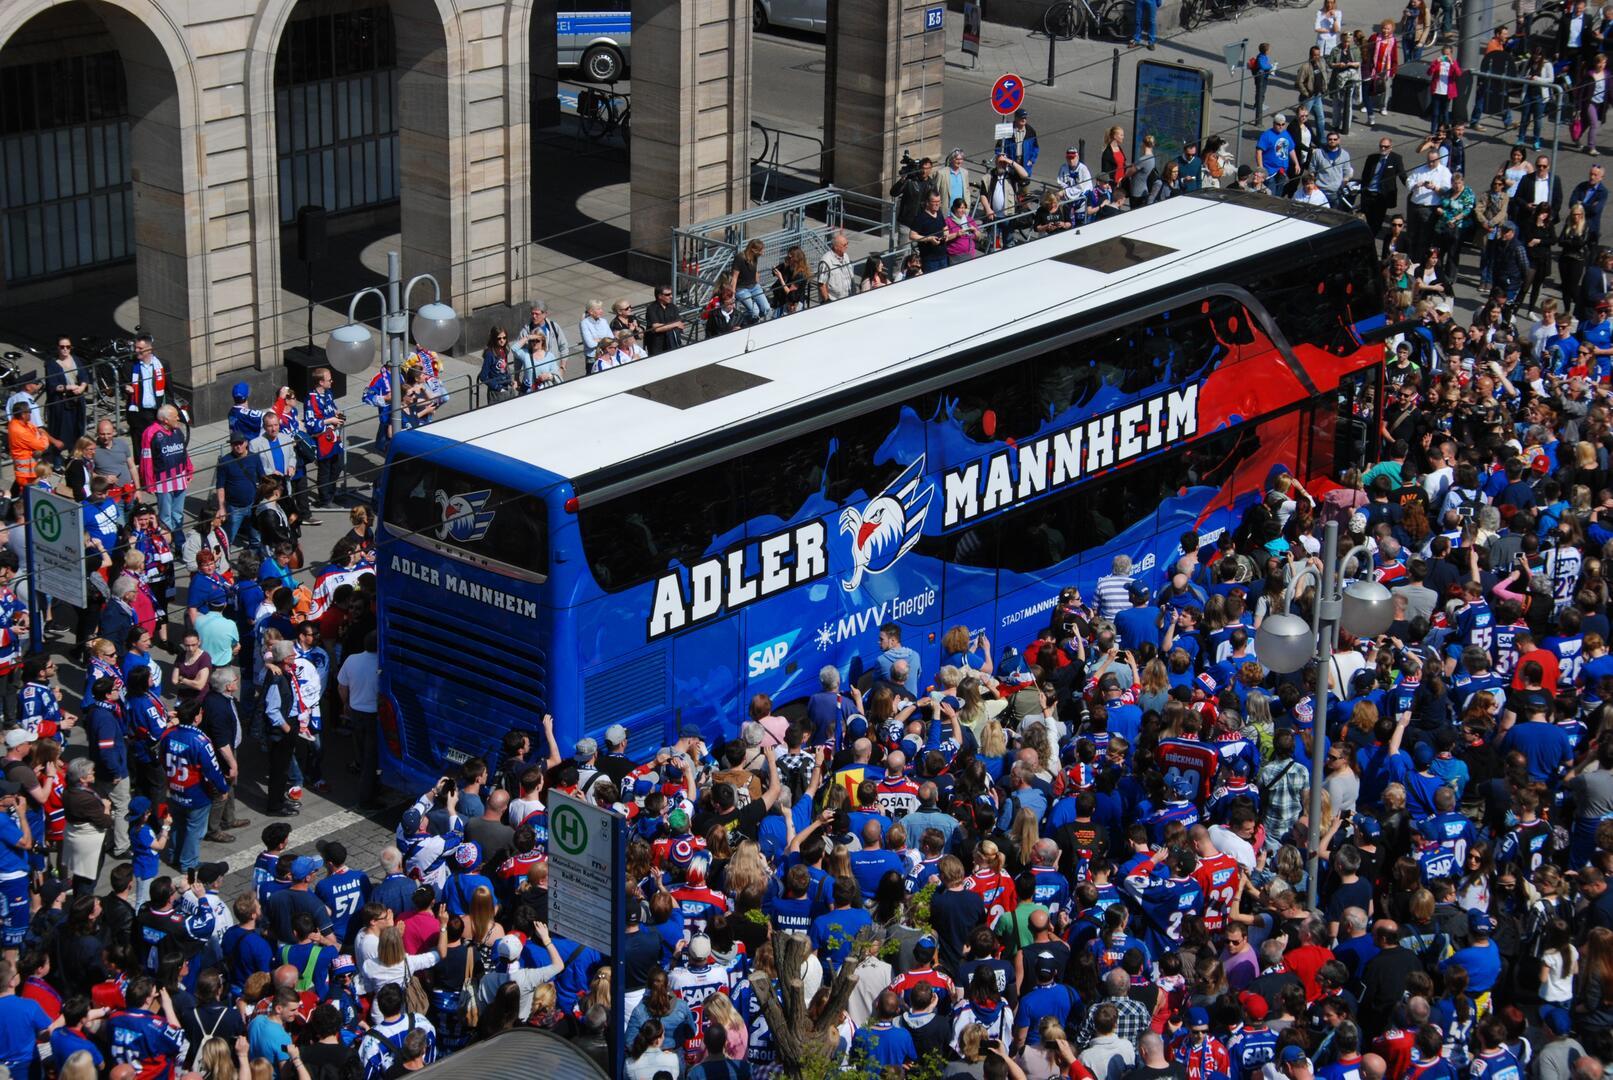 adler-mannheim